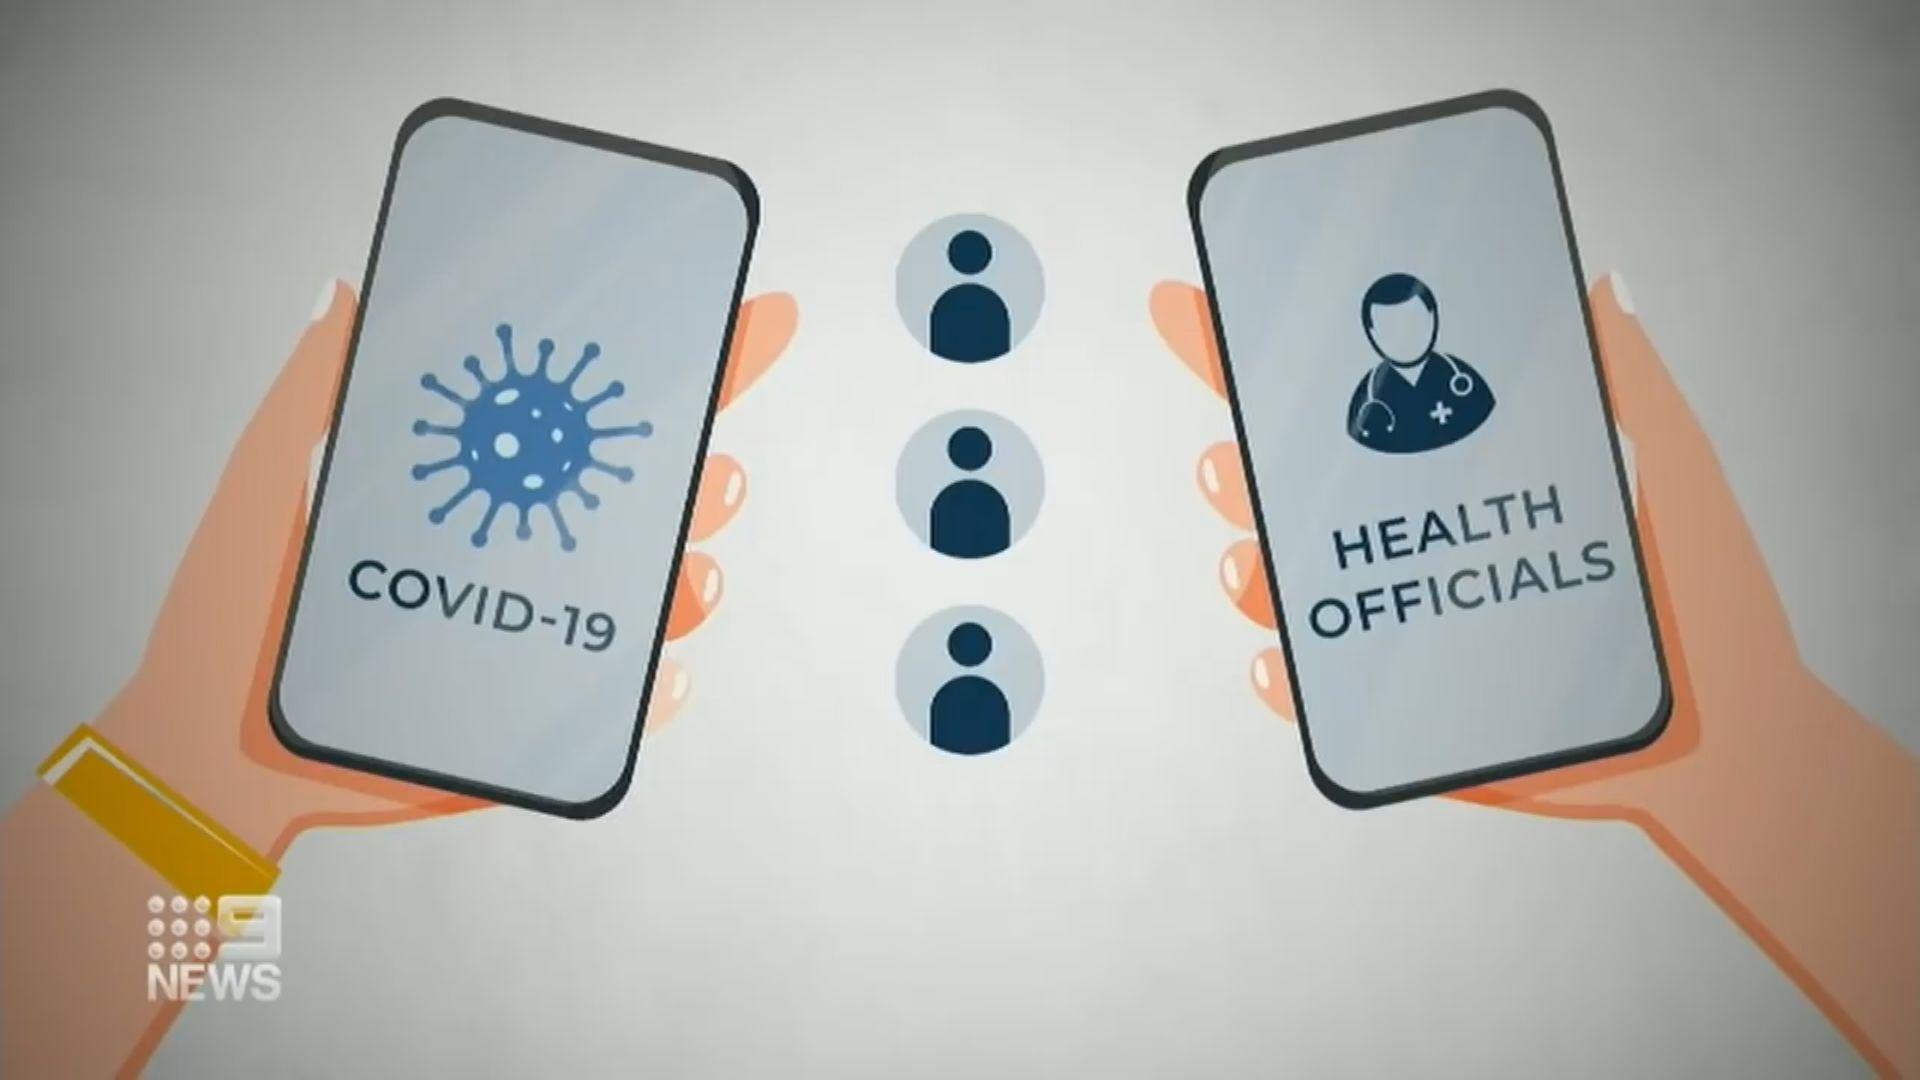 澳洲疫情稍緩 推出手機程式追蹤新冠病毒接觸者